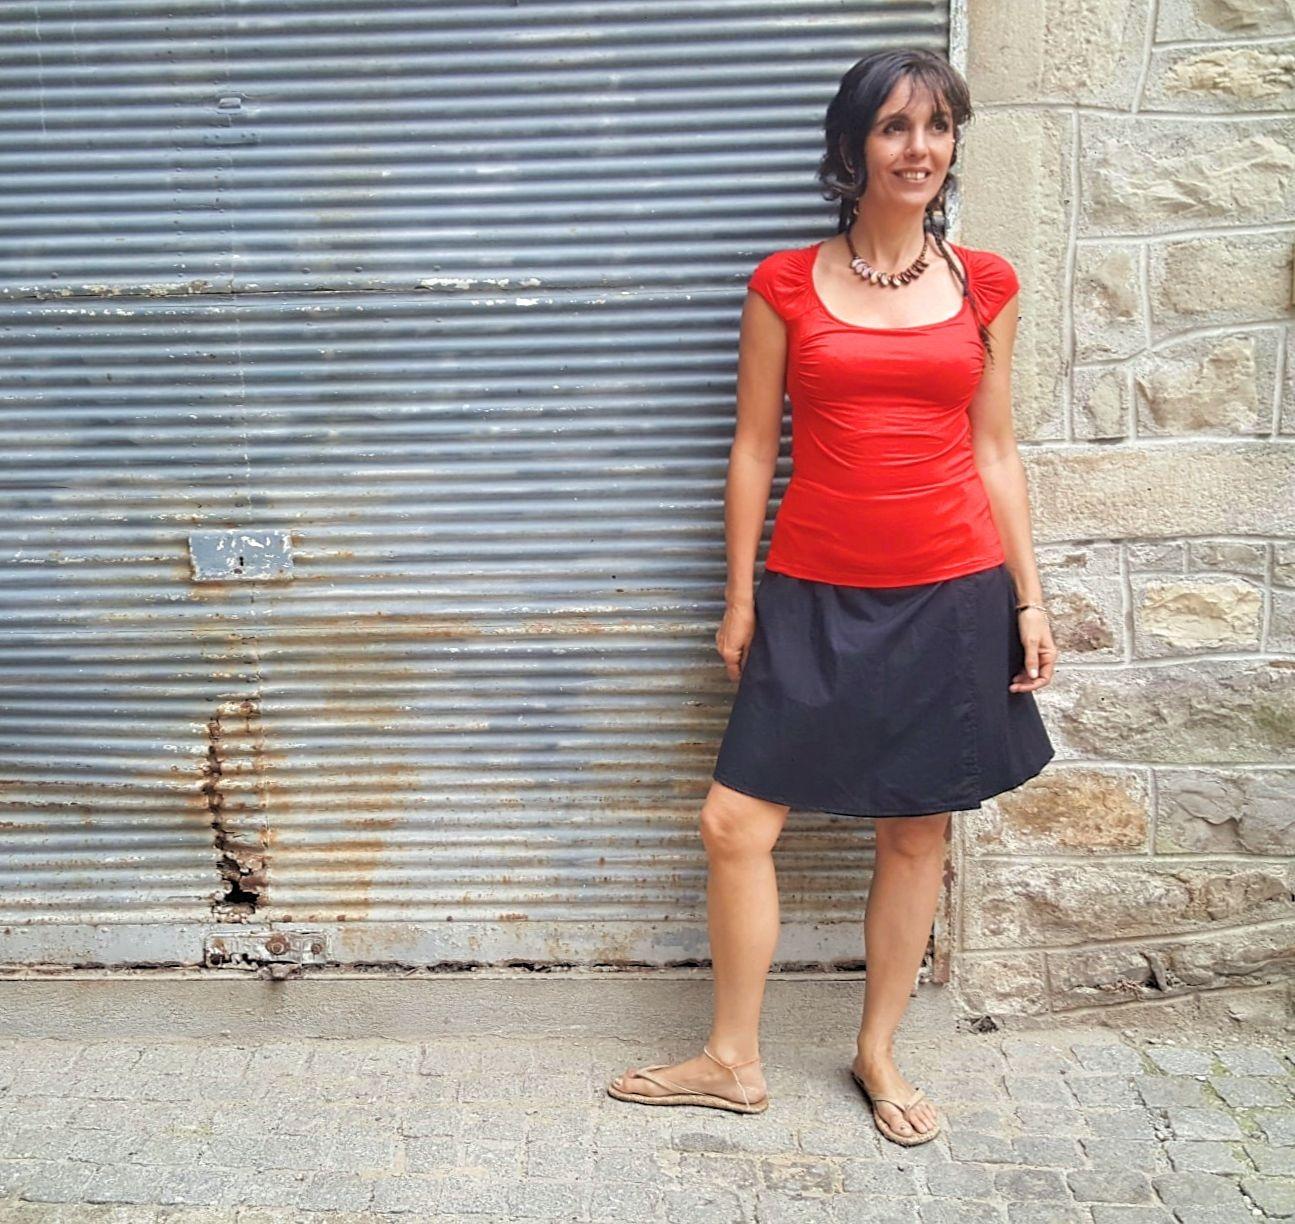 Jupe Kali-Yog réversible Pani, Spider red-Black, www.LaTribu.shop (3)